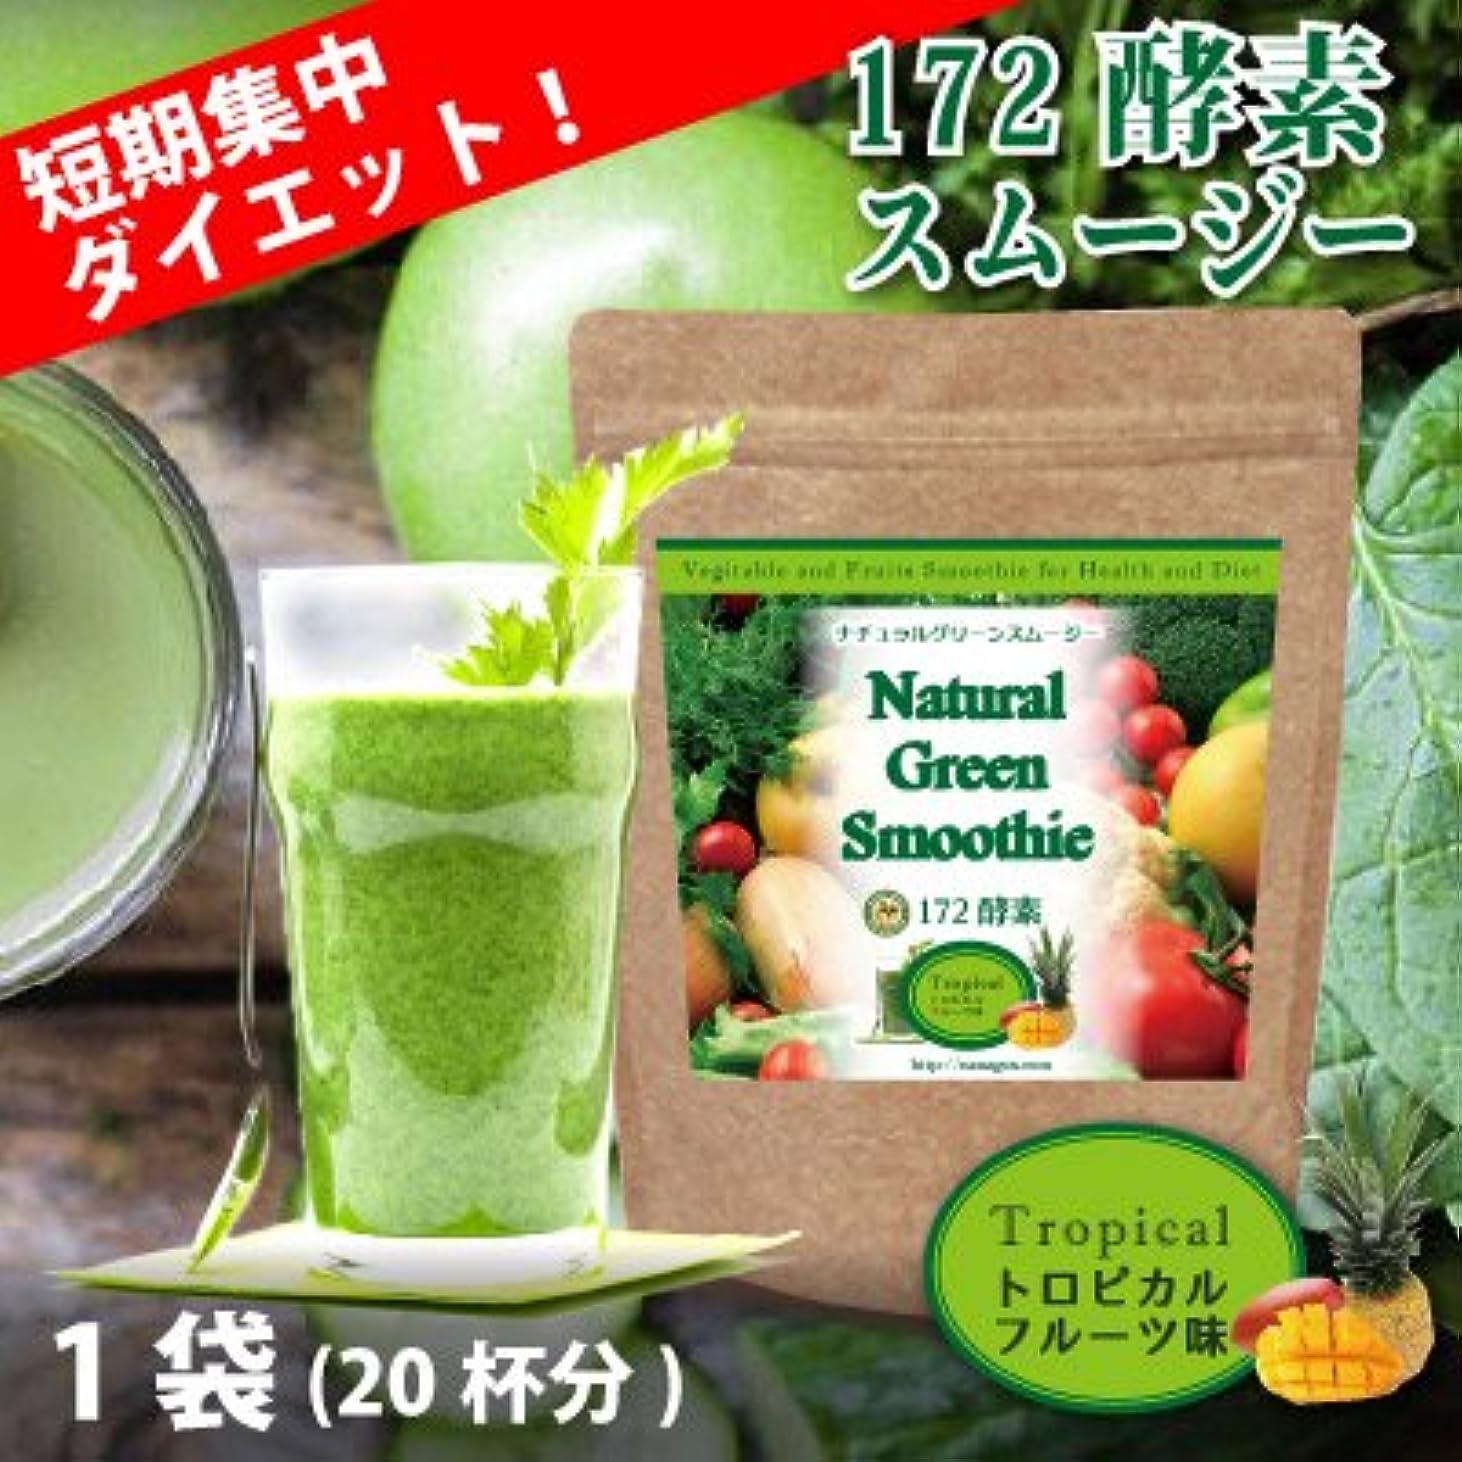 花瓶上雑種【ダイエット】越中ななごん堂のナチュラルグリーンスムージー 置換え 172酵素 200g